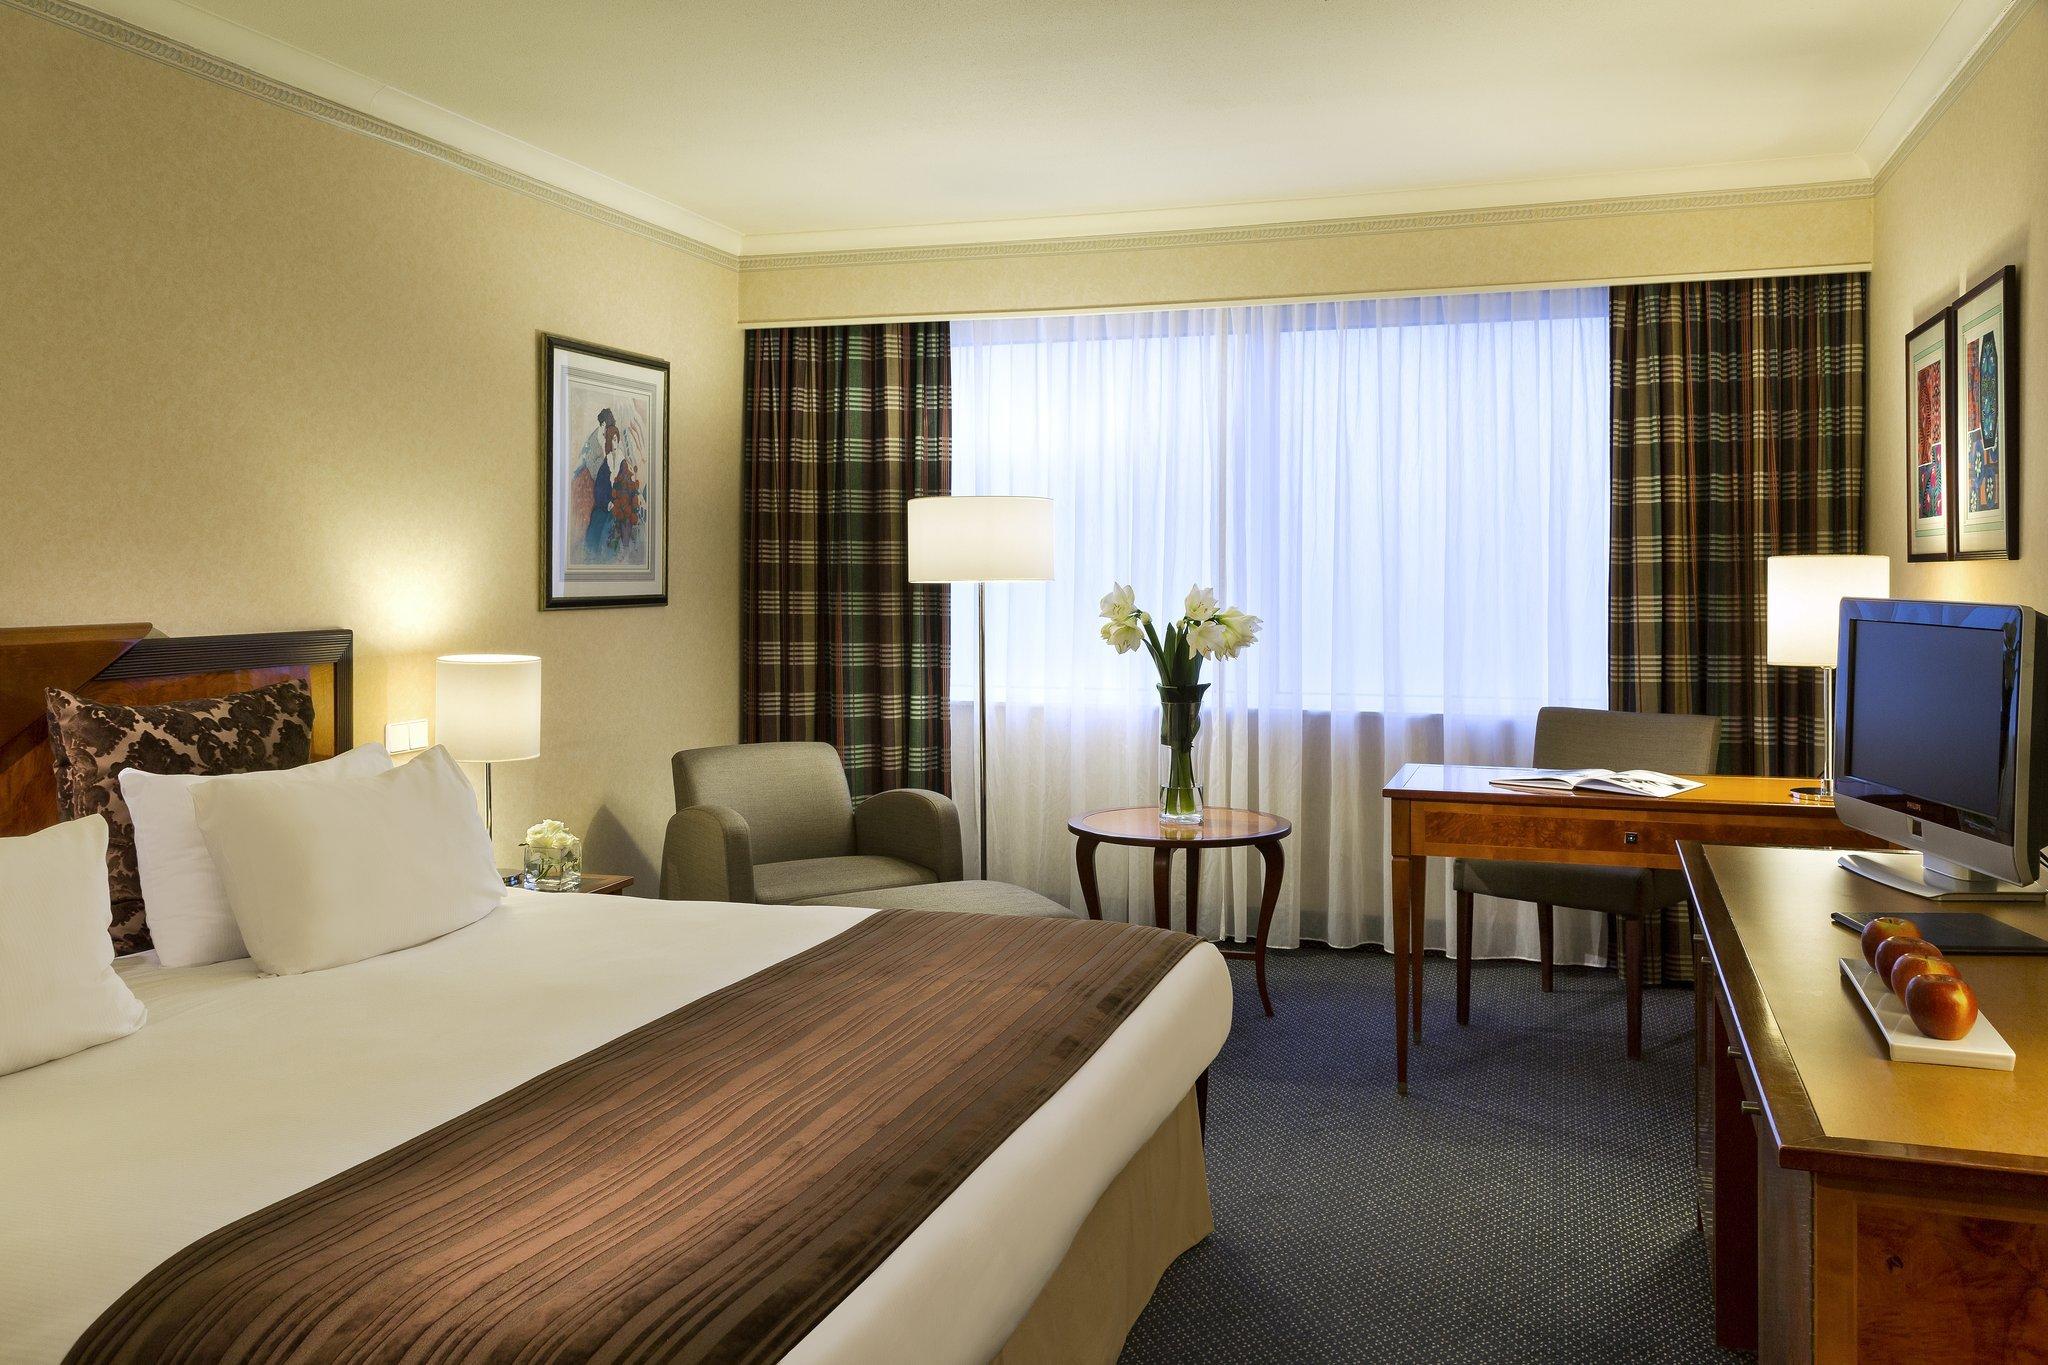 クラウンプラザ ホテル アムステルダム スキポール